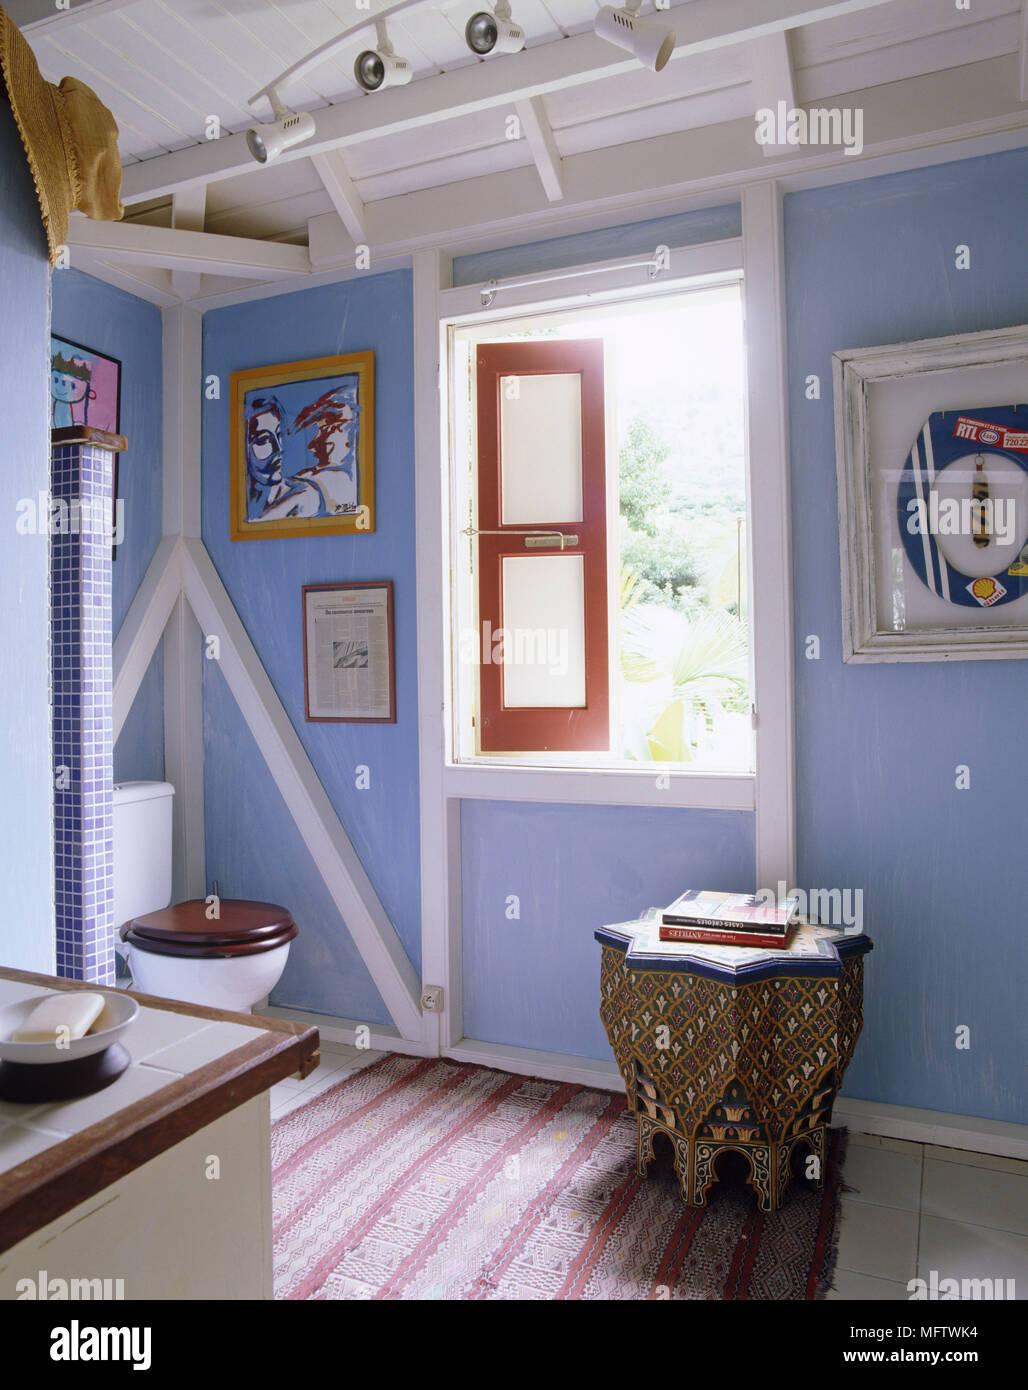 Blaue Badezimmer mit Wc im marokkanischen Stil seite Tabelle Bilder ...